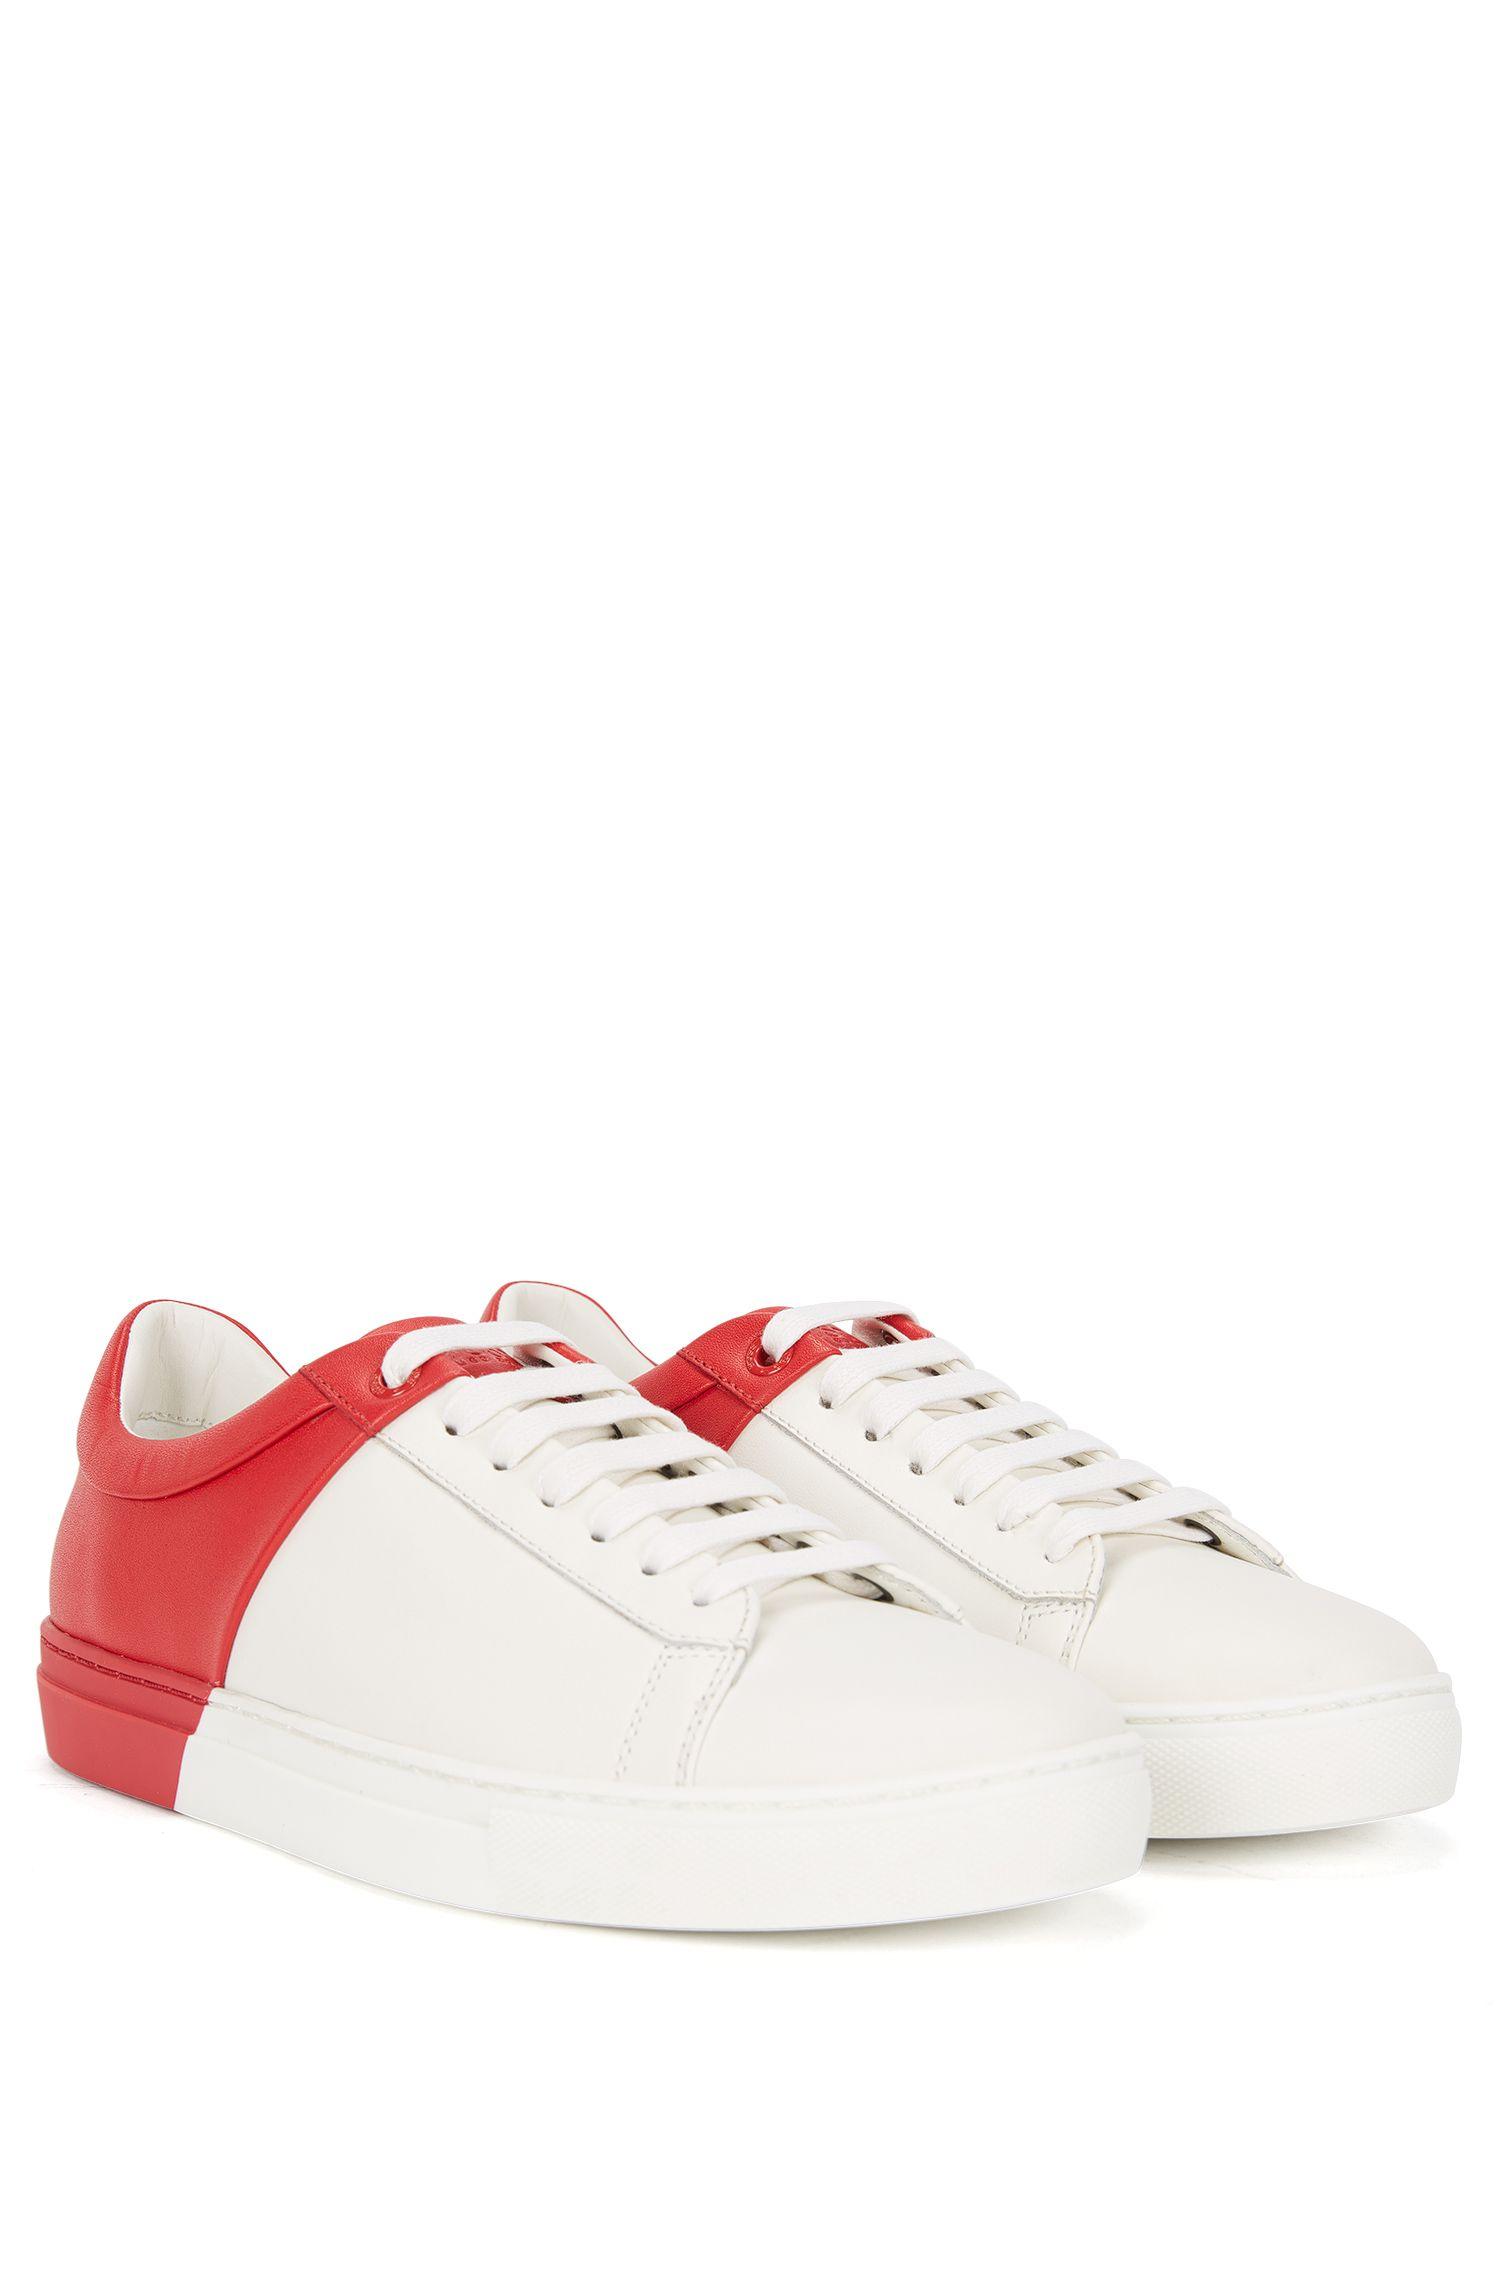 'Bicolor Sneaker' | Calfskin Dual-Tone Sneakers